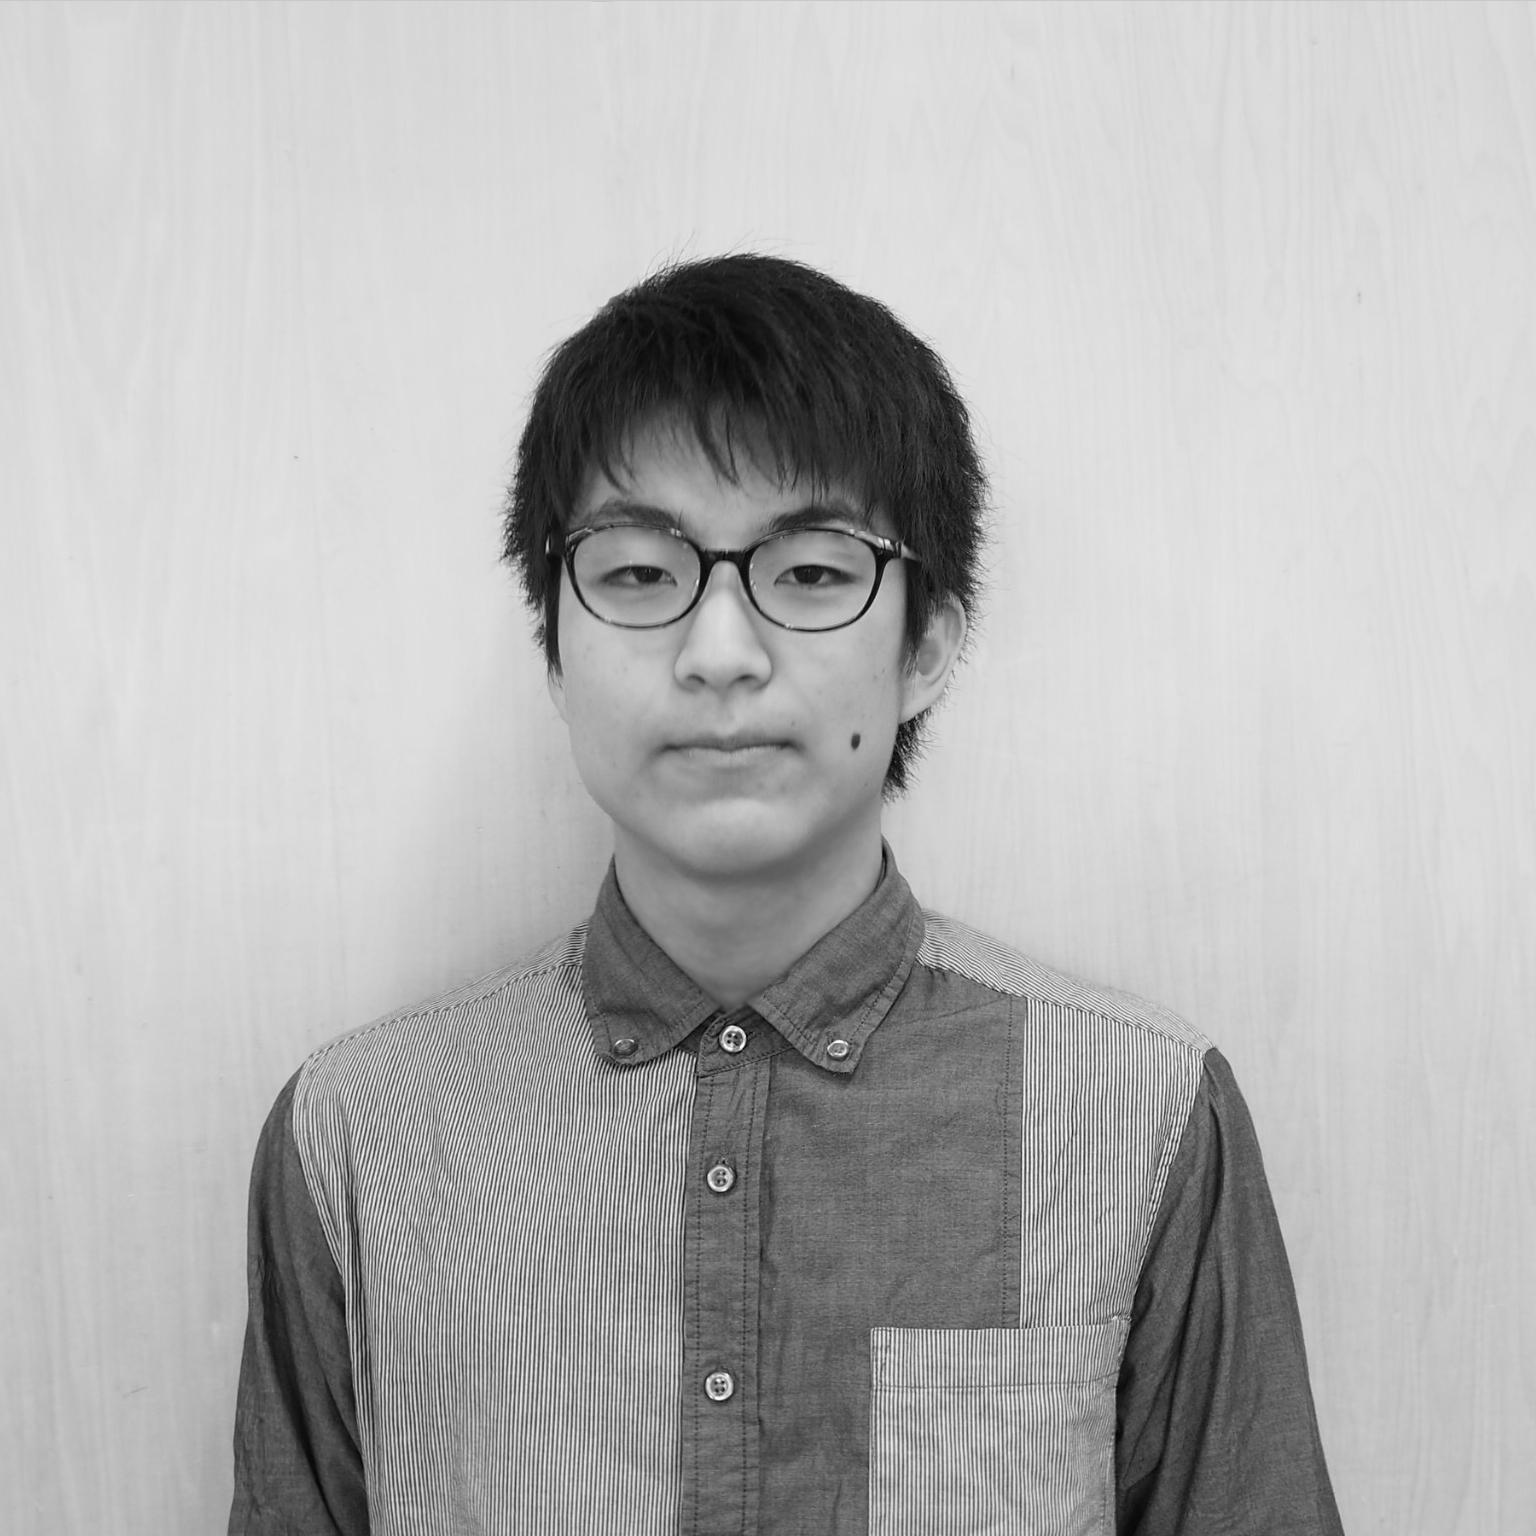 http://www.orangeribbon.jp/info/npo/d9be1d143a6f4c0bb1de77a99115a407d1602099.jpg